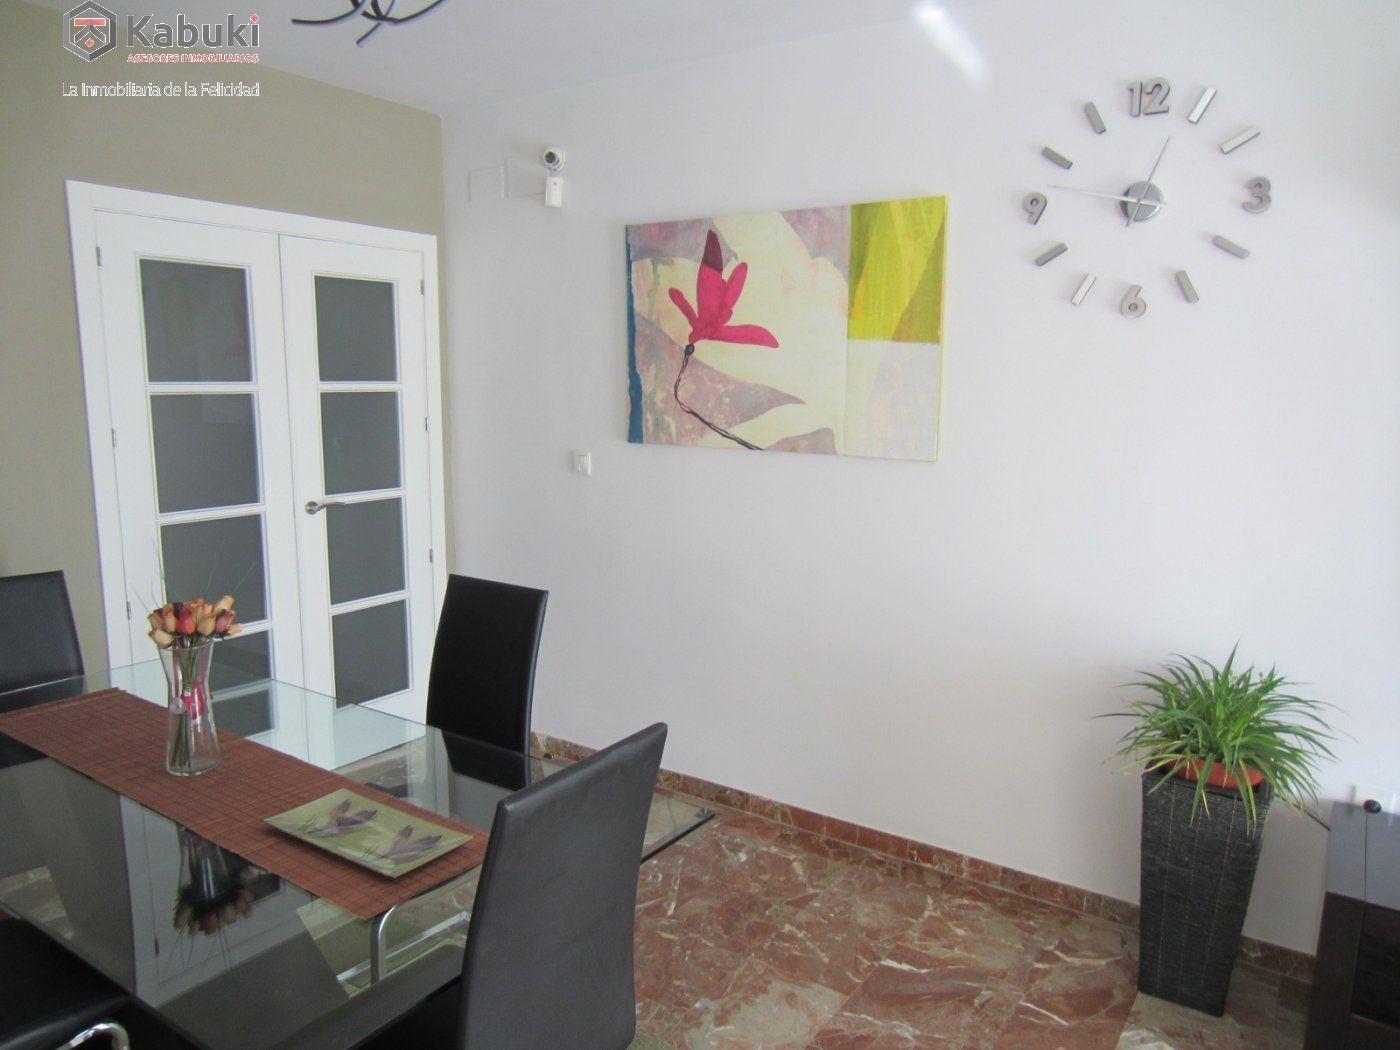 Ático con vistas despejadas en zona residencial, 3 dormitorios, inmejorables calidades - imagenInmueble0